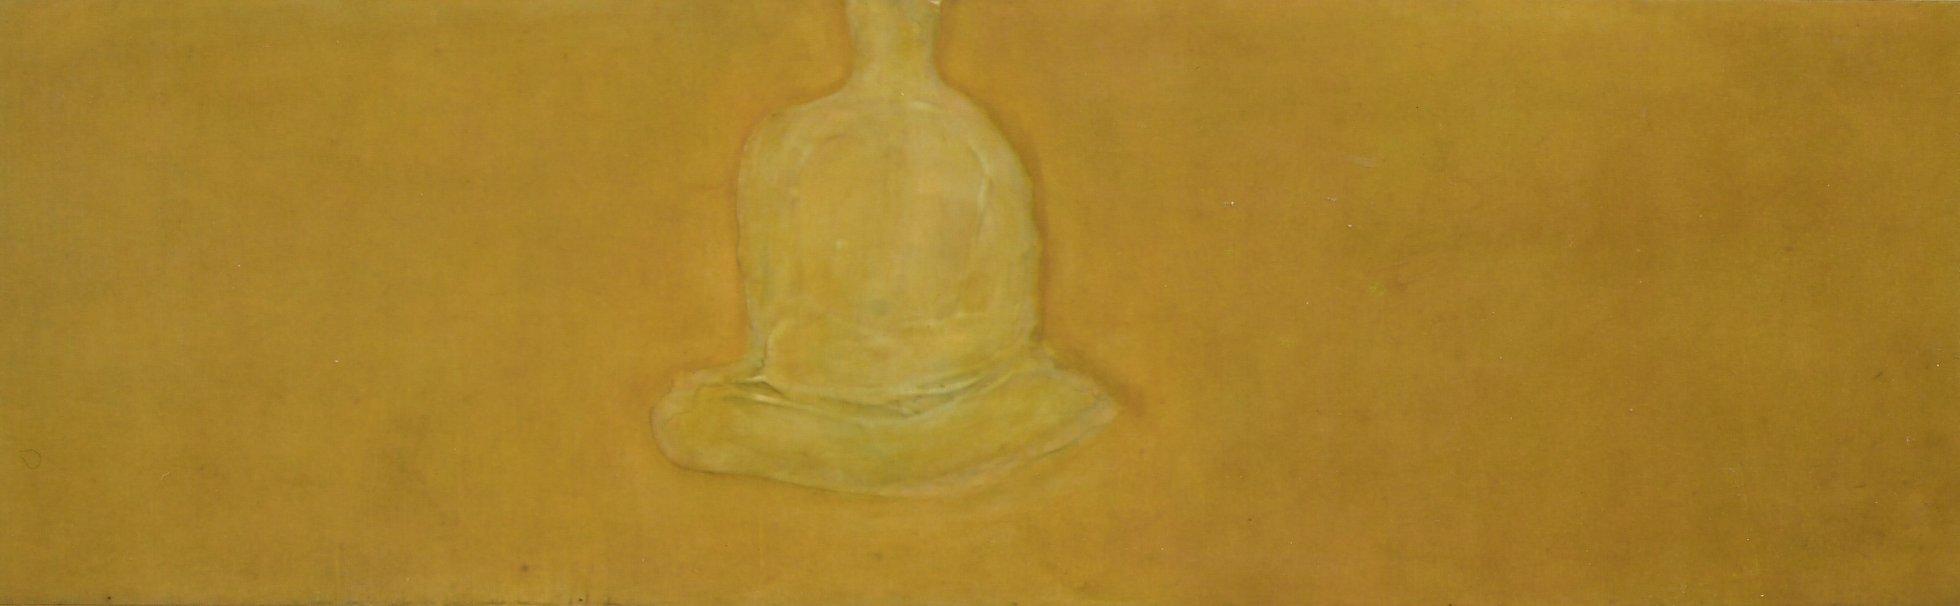 Buddha hört die Glocken läuten